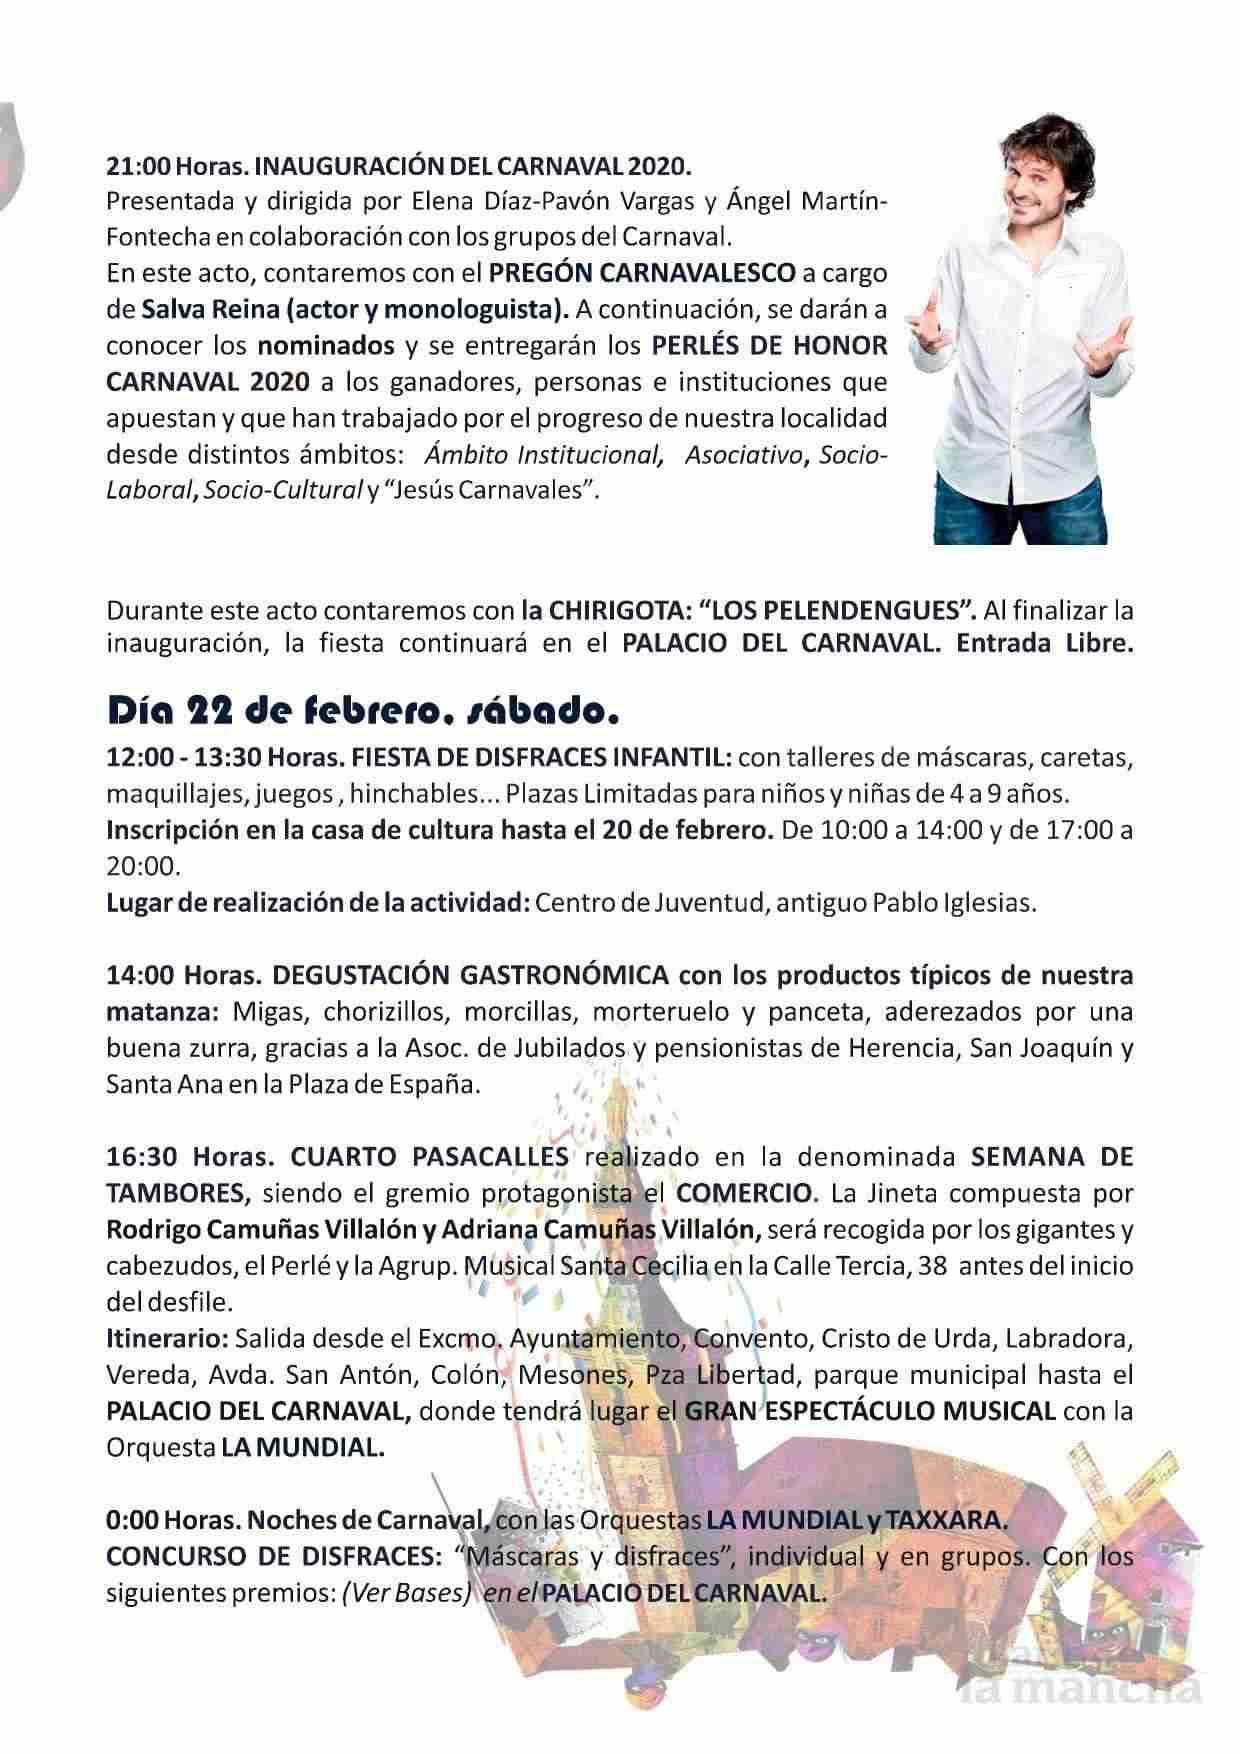 El Carnaval de Herencia contará con el actor Salva Reina como pregonero 6